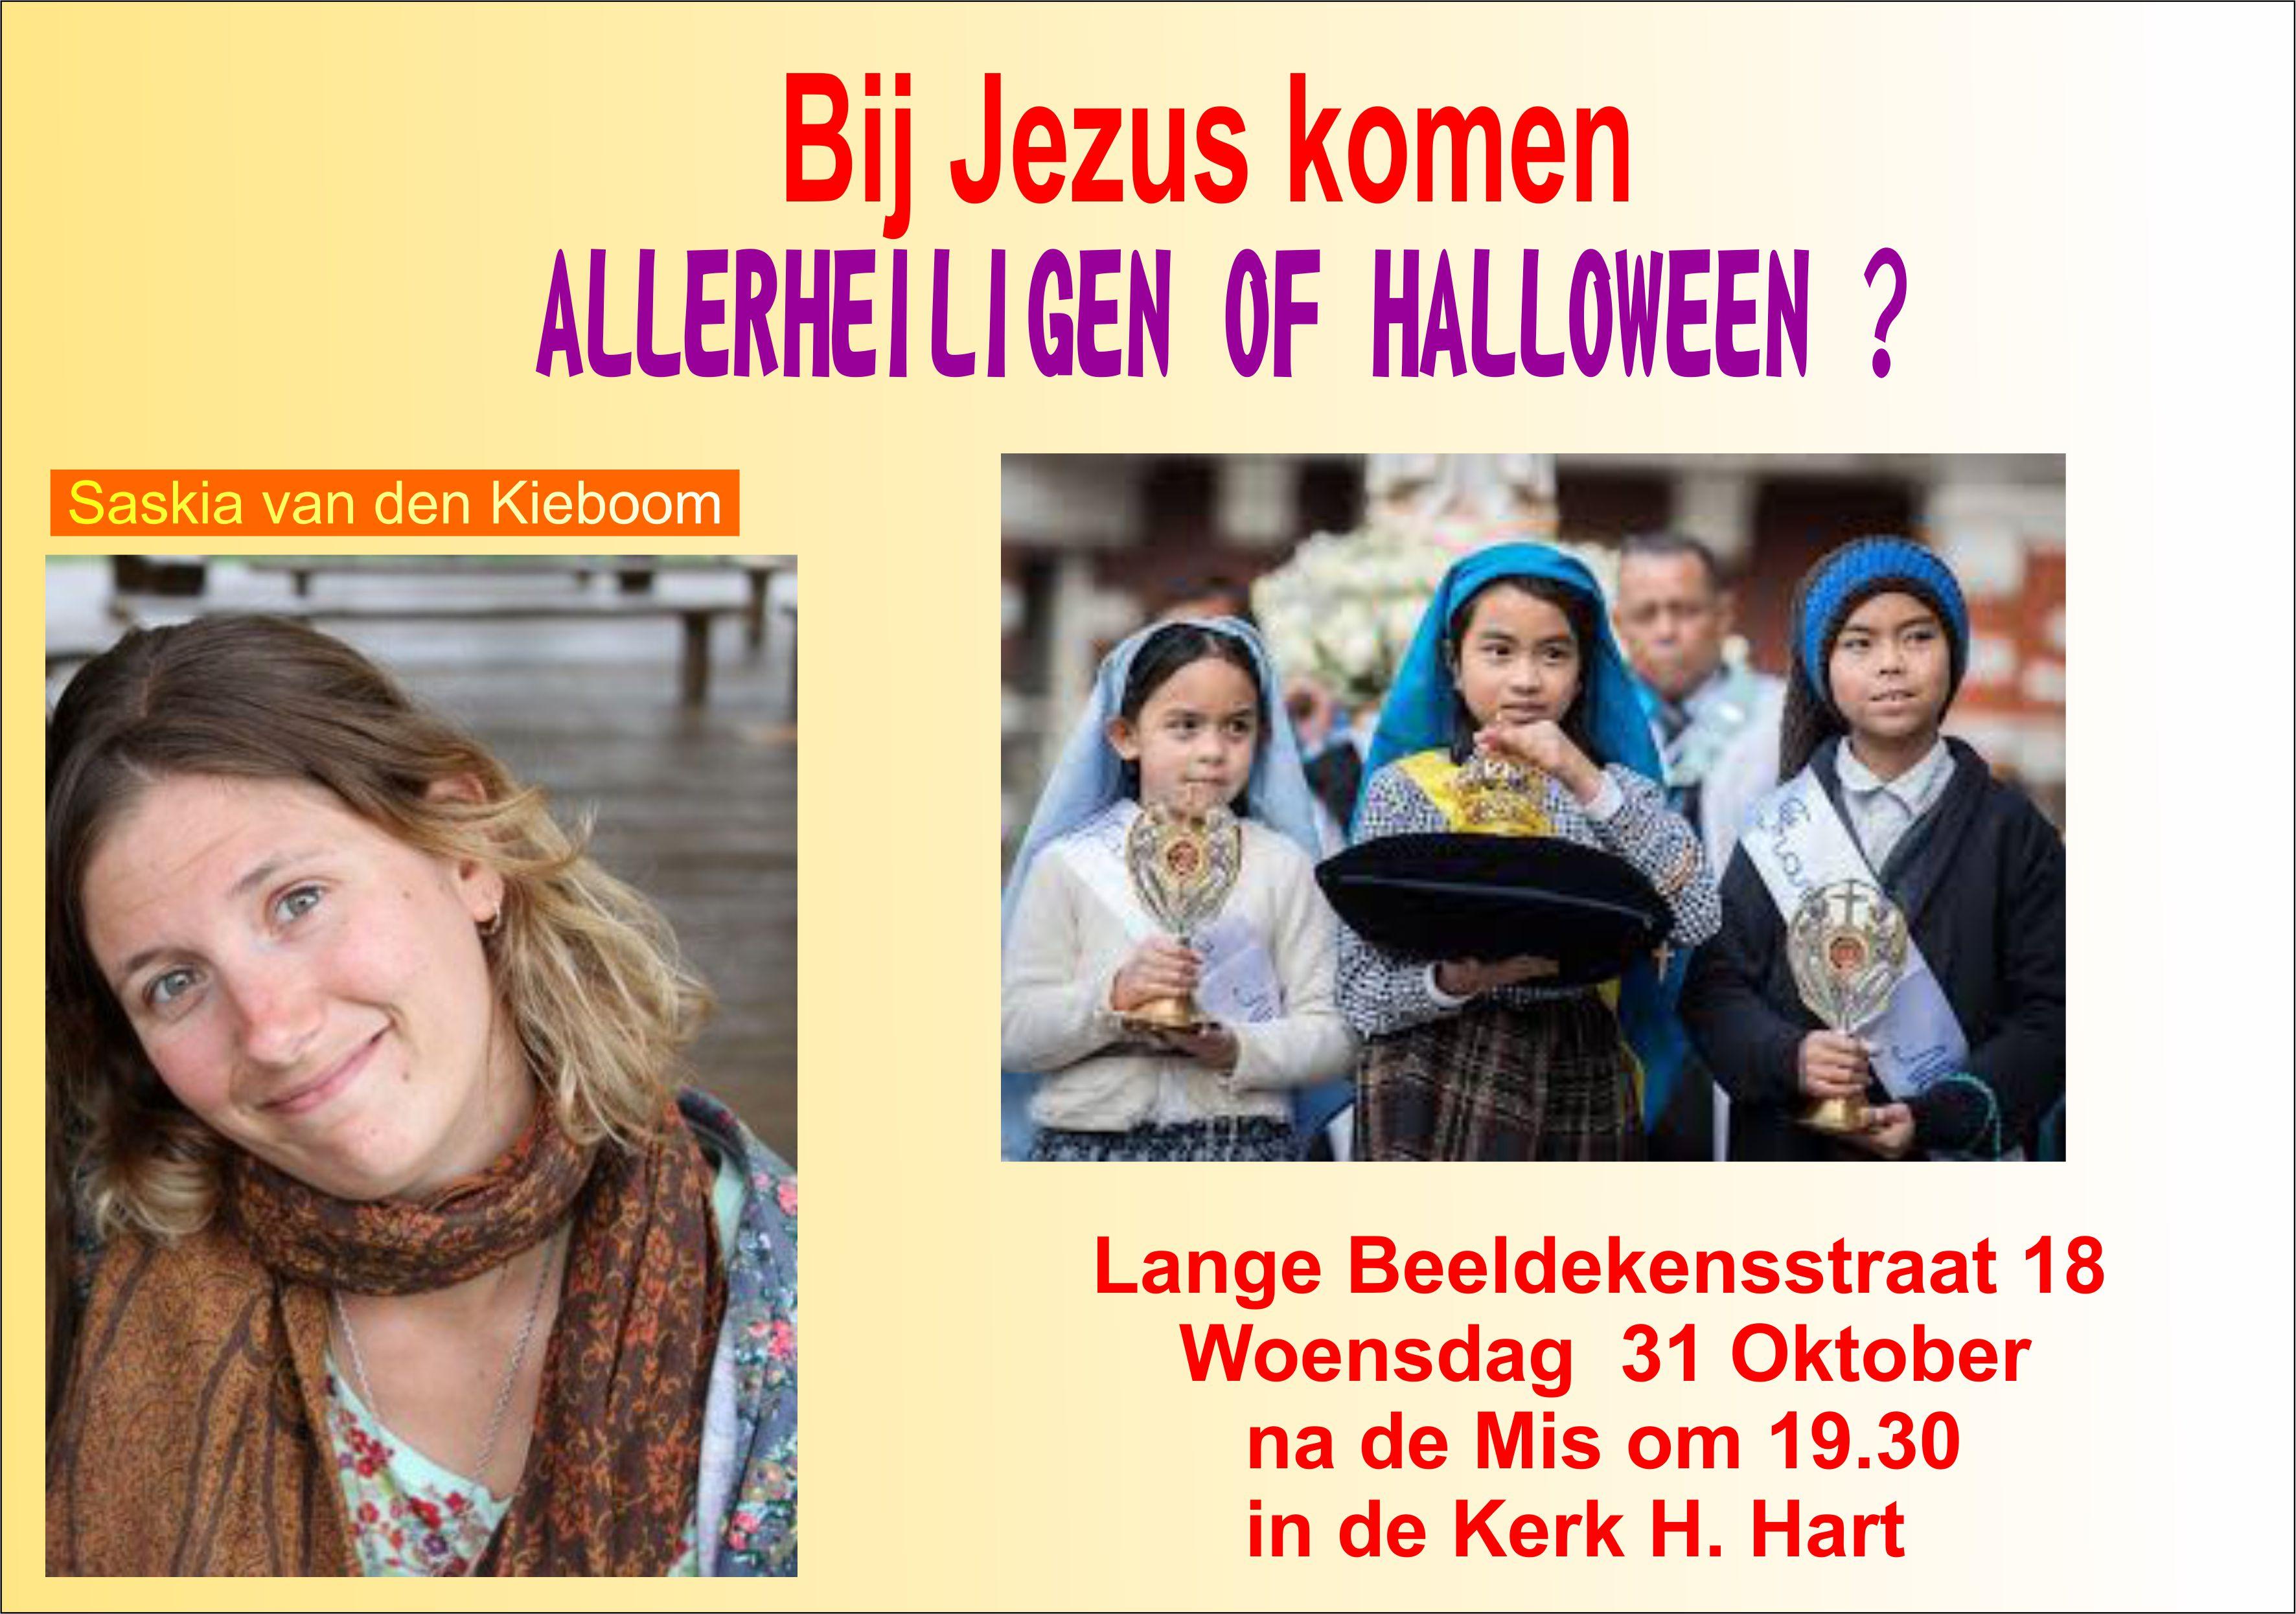 Allerheiligen of Halloween?